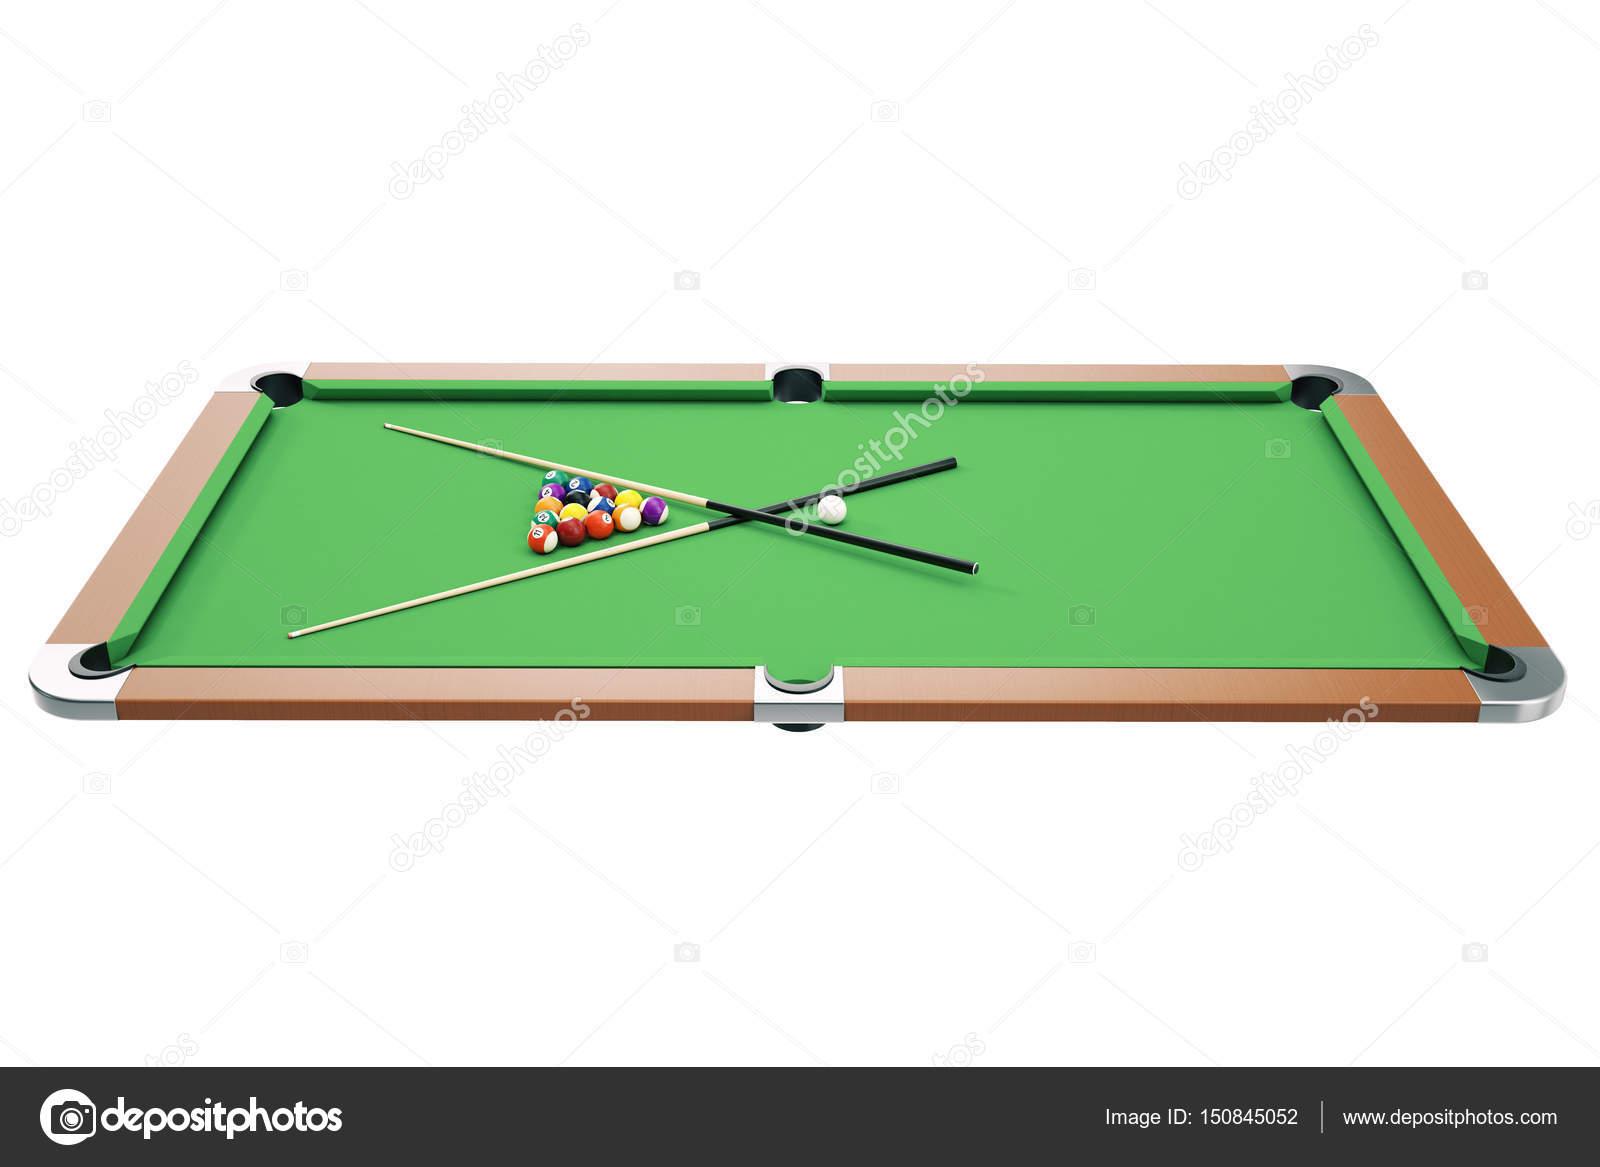 illustrazione 3d americano pool snooker priorità bassa delle sfere ...